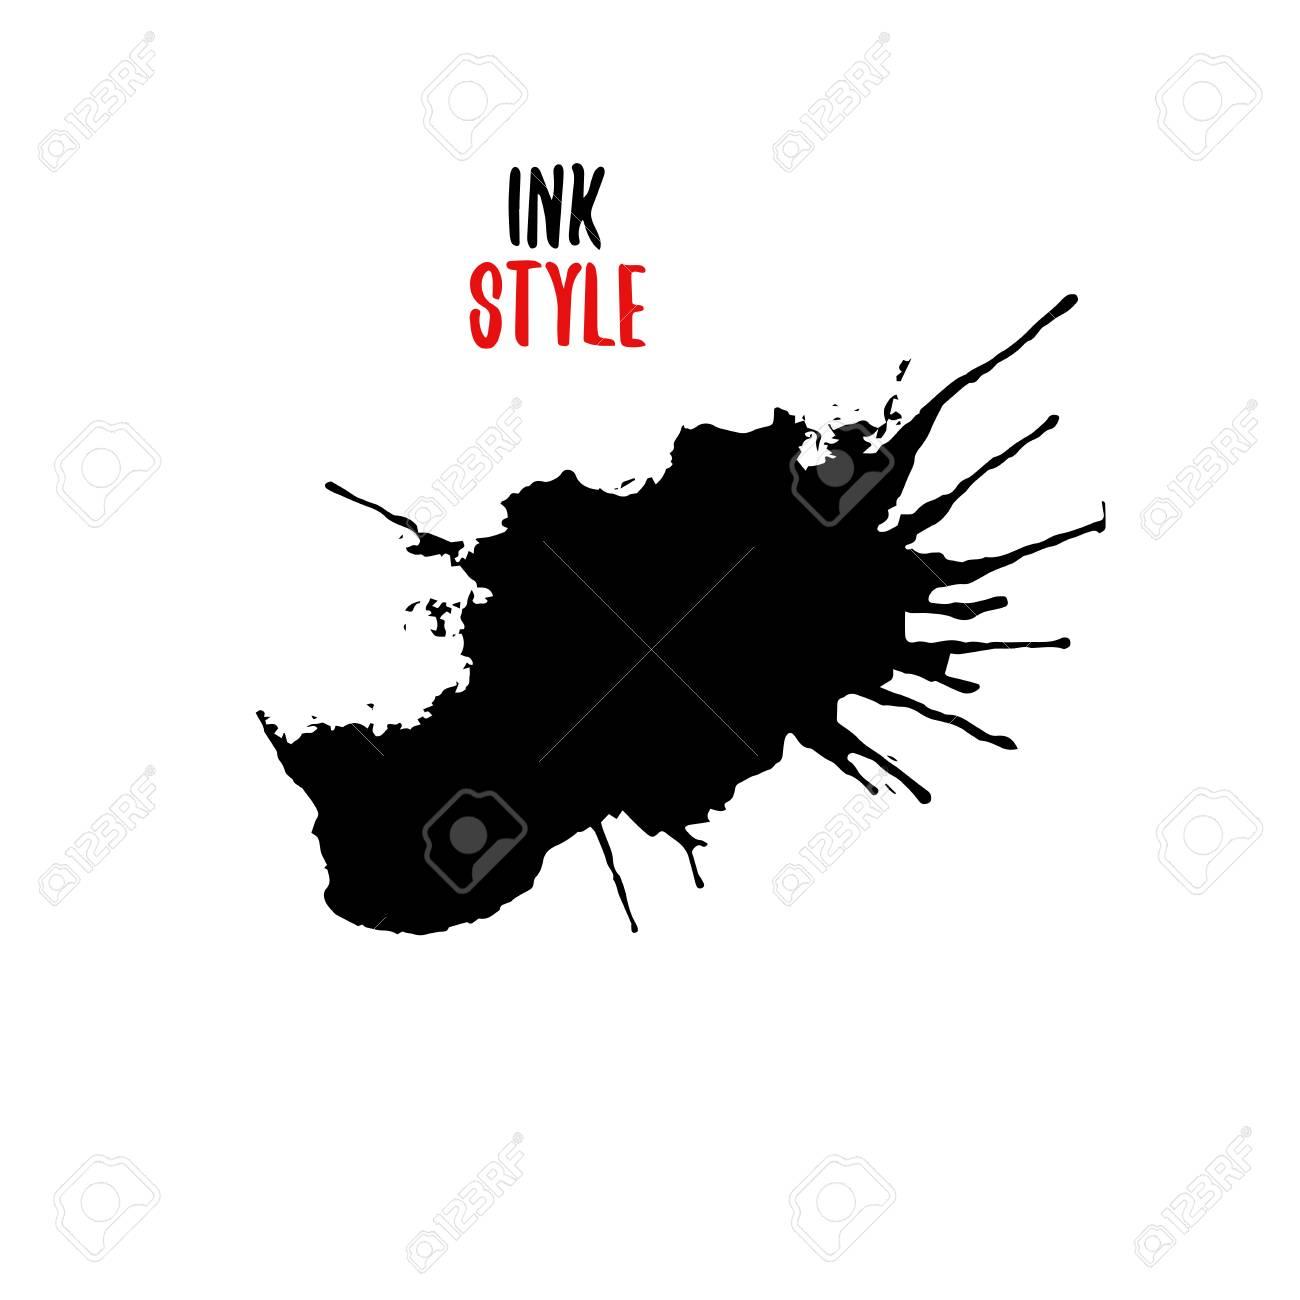 black ink splatter black hand drawn blot or splash on white rh 123rf com ink splatter vector free ink splatter vector eps free download